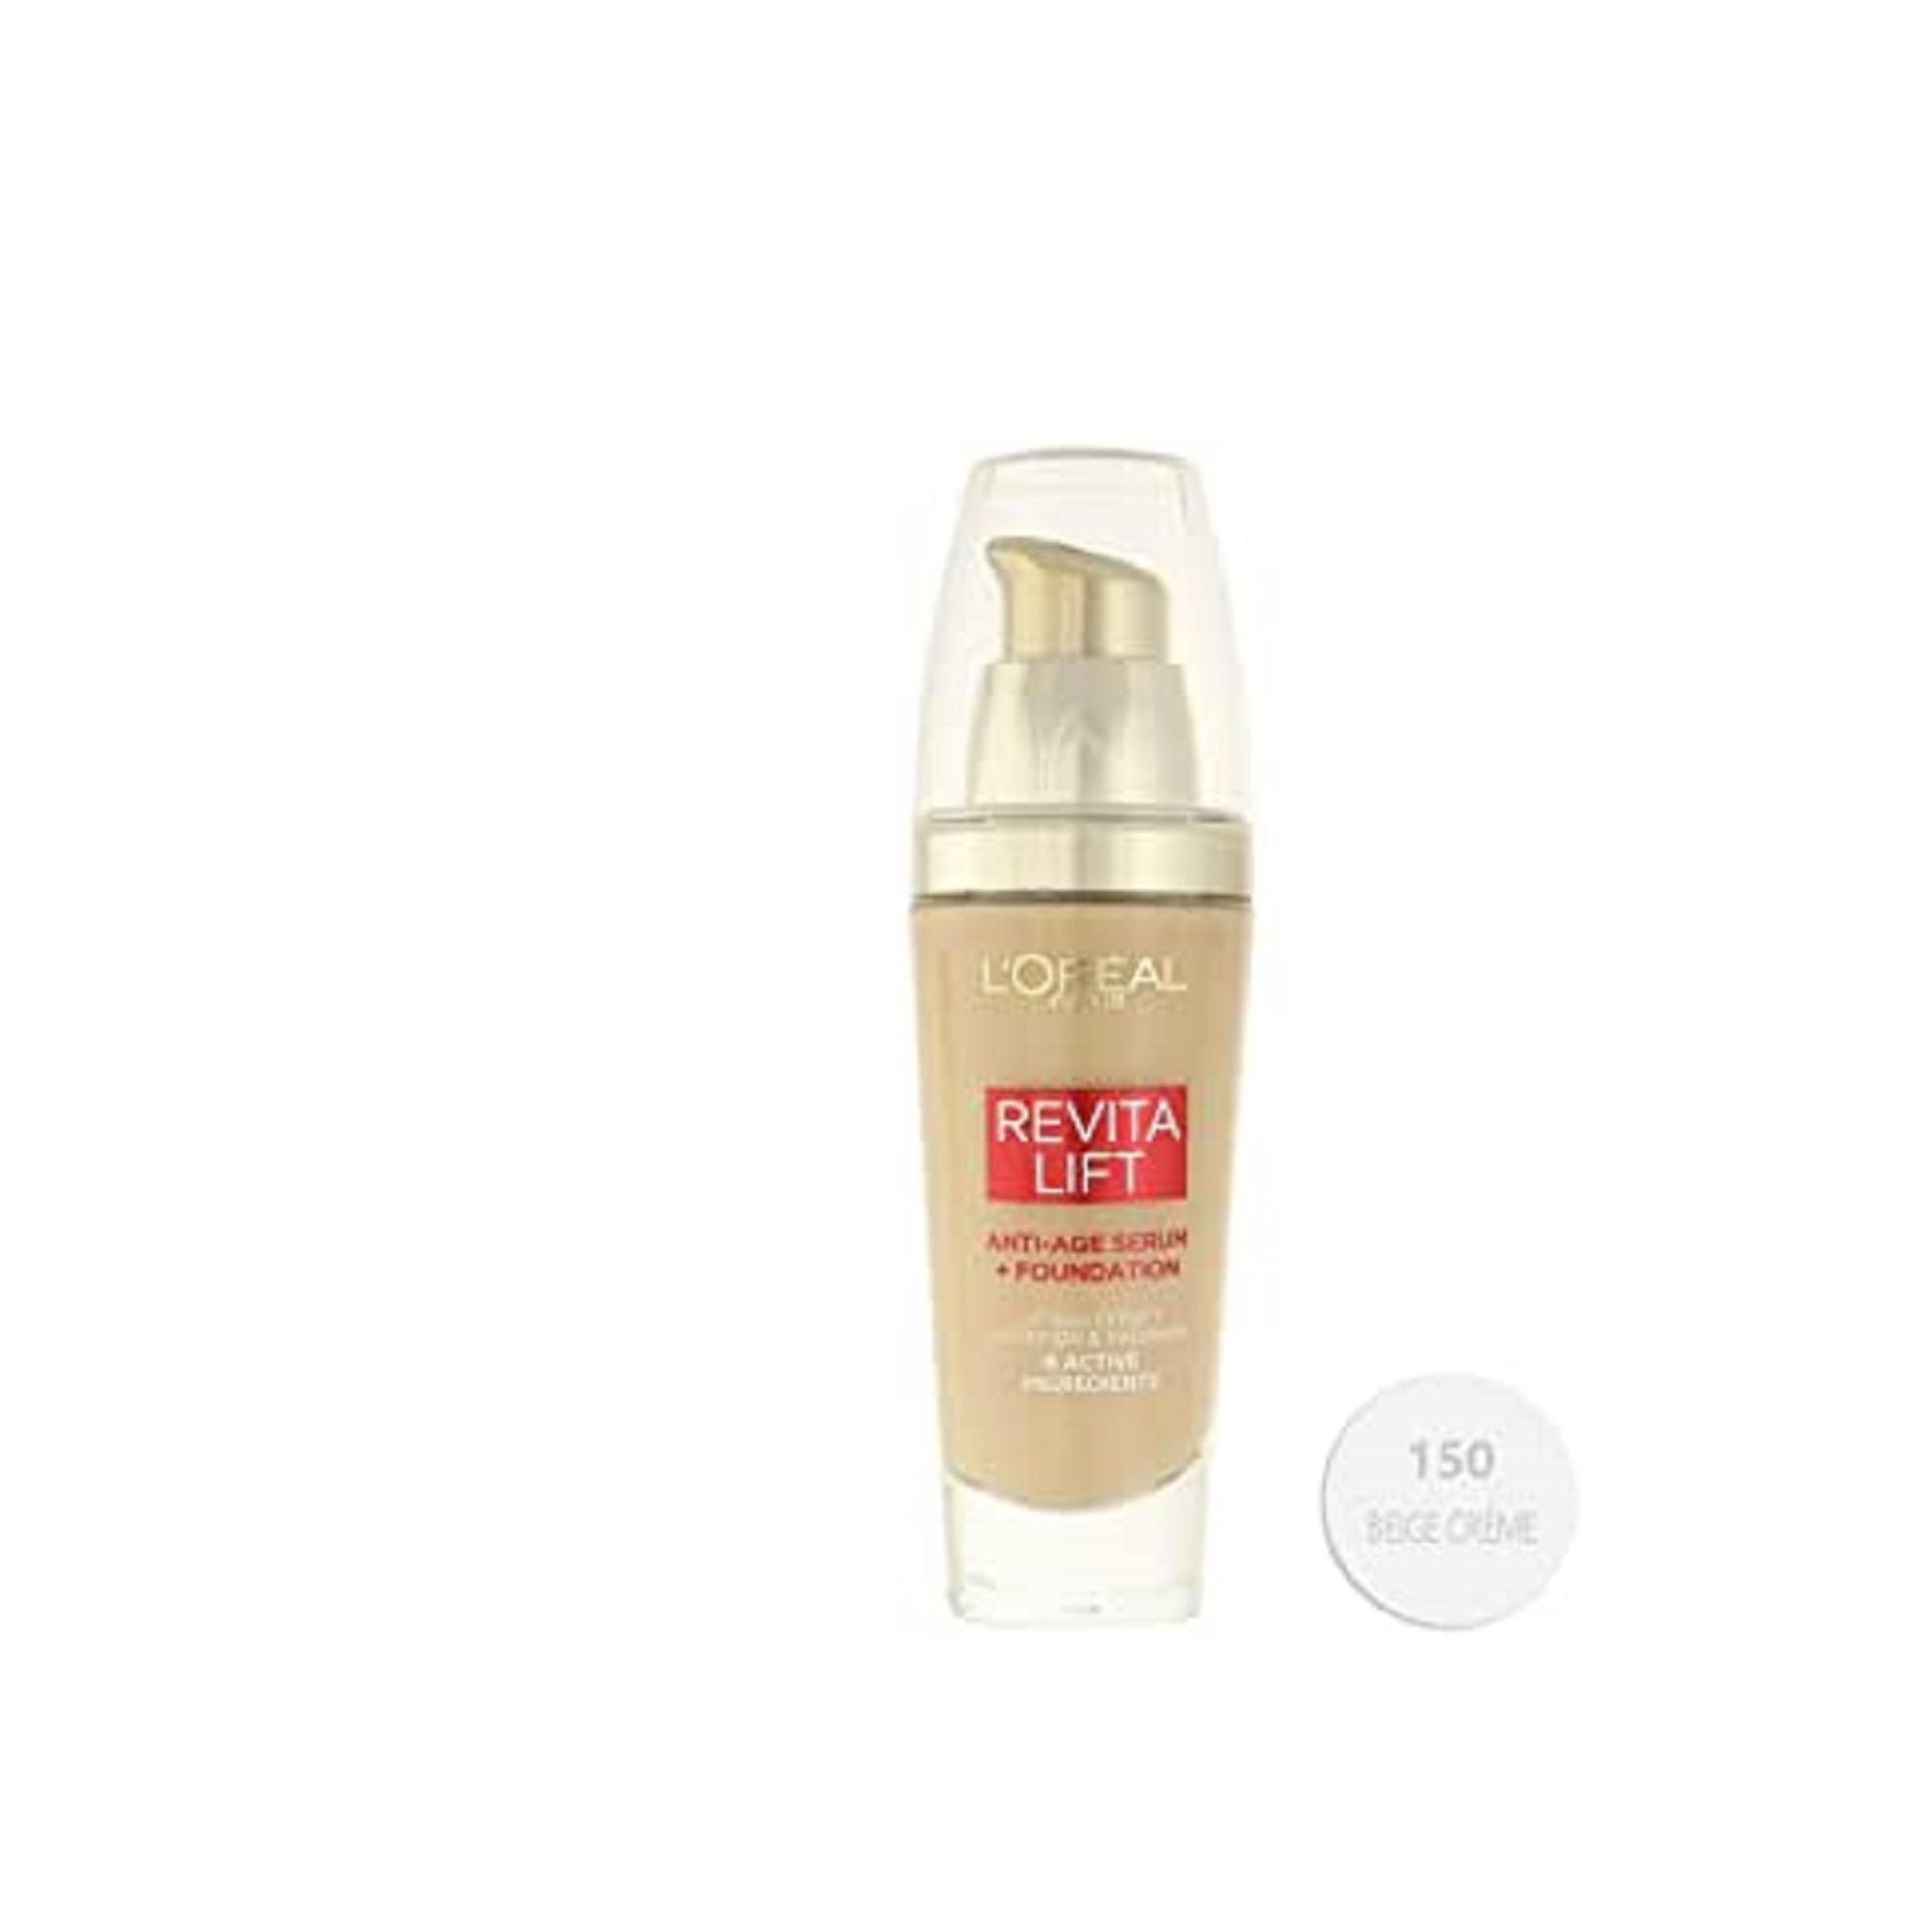 Fond de teint L'ORÉAL 150-Beige Crème